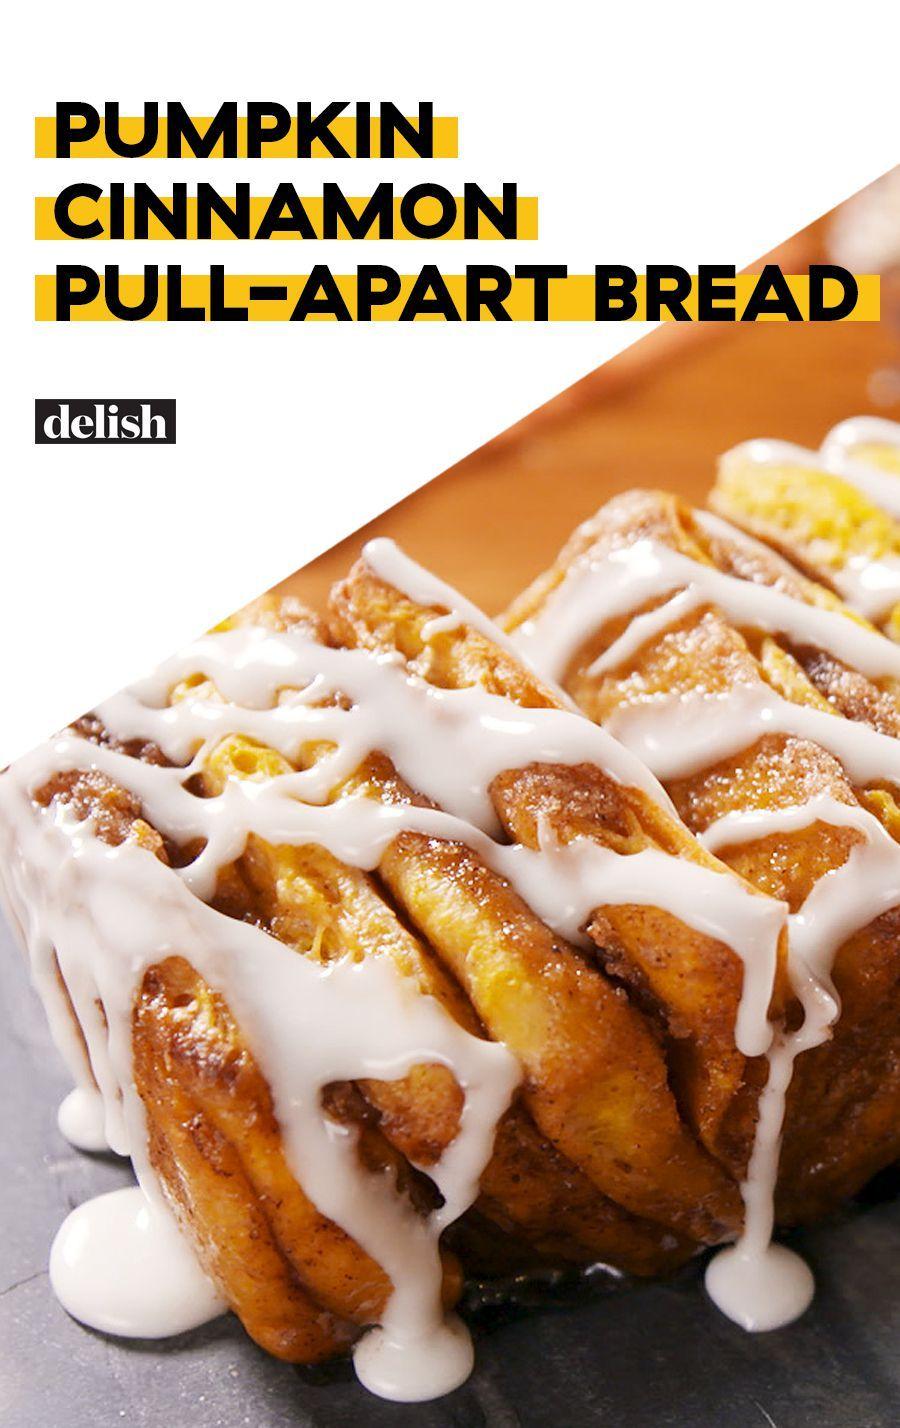 Pumpkin Cinnamon Pull-Apart Bread #tearandsharebread